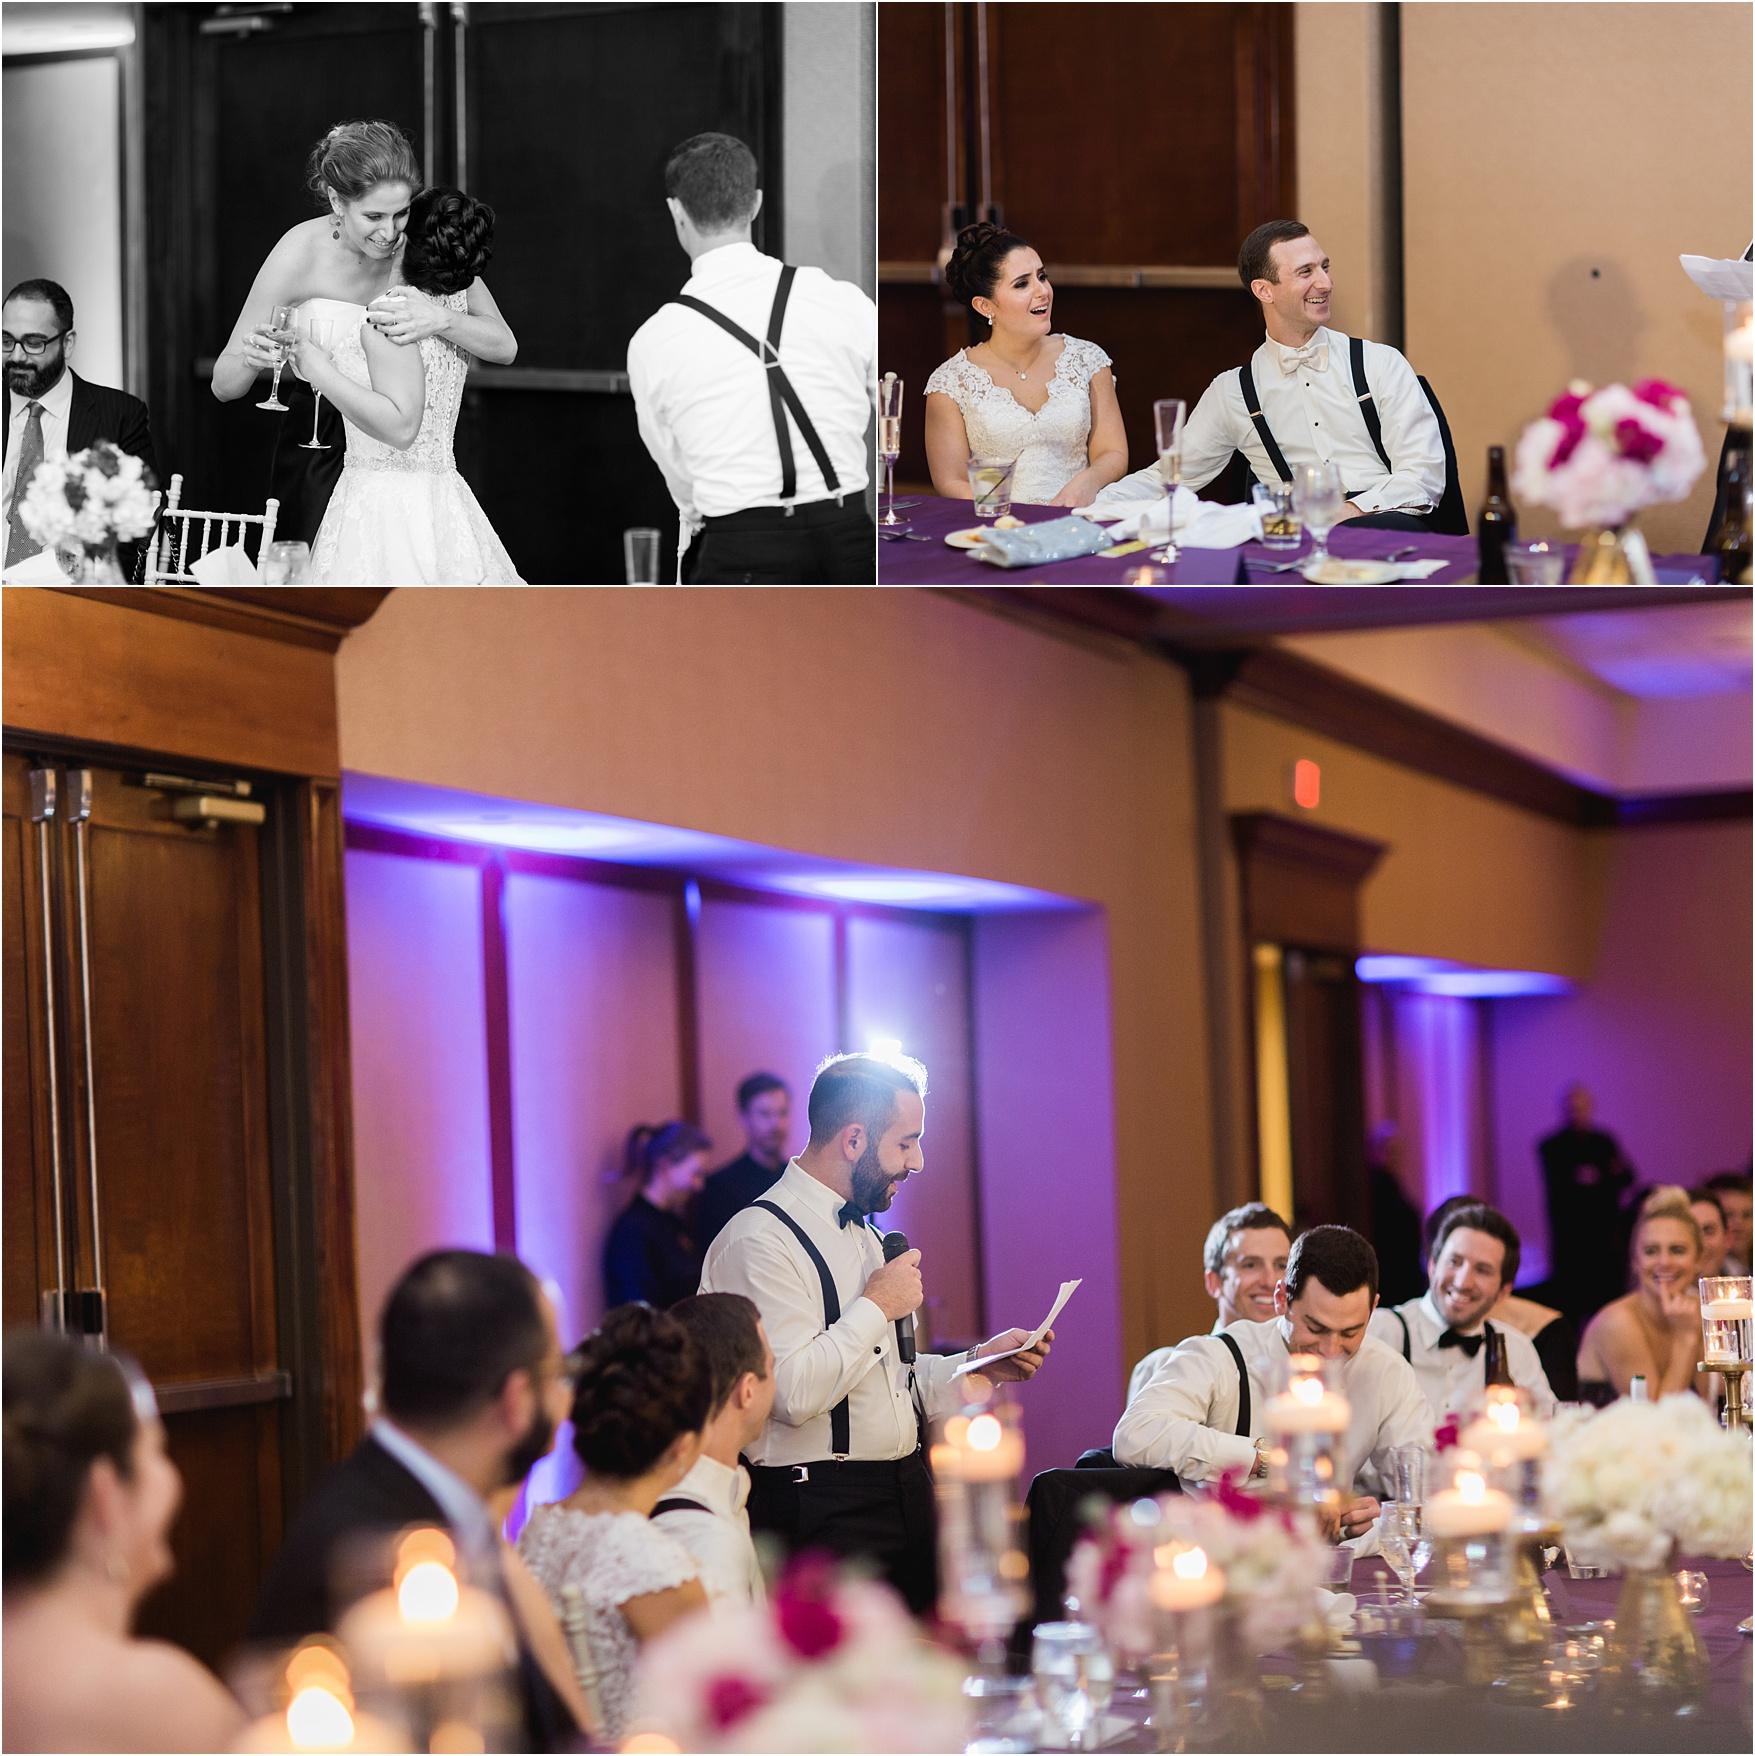 wedding photography st louis_lauren muckler photography_film photographer_film wedding_0078.jpg